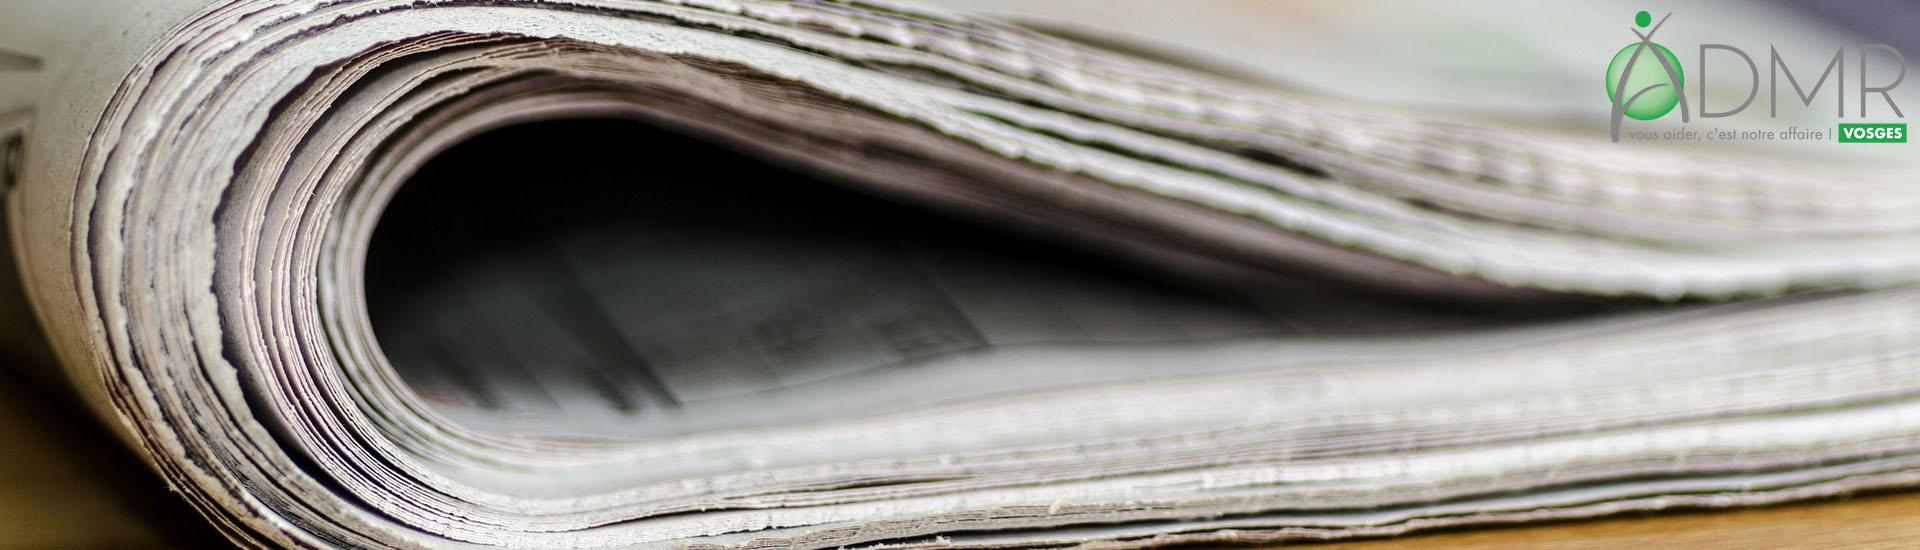 Actualités-Archives ADMR Vosges (Copyright: Pixabay)